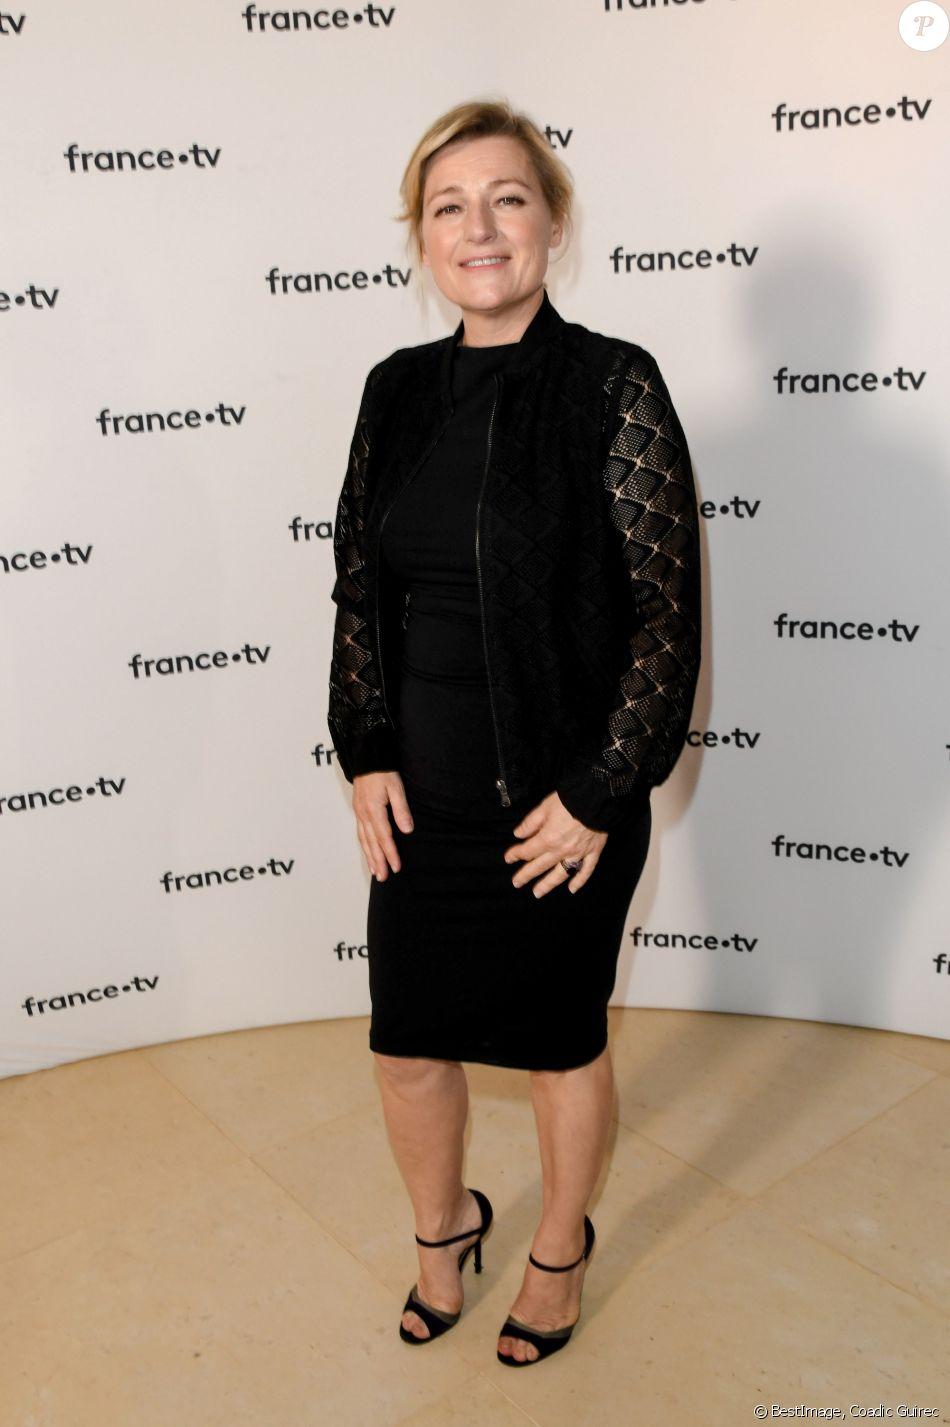 Anne Elisabeth Lemoine au photocall de la conférence de presse de France 2 au théâtre Marigny à Paris le 18 juin 2019 © Coadic Guirec / Bestimage